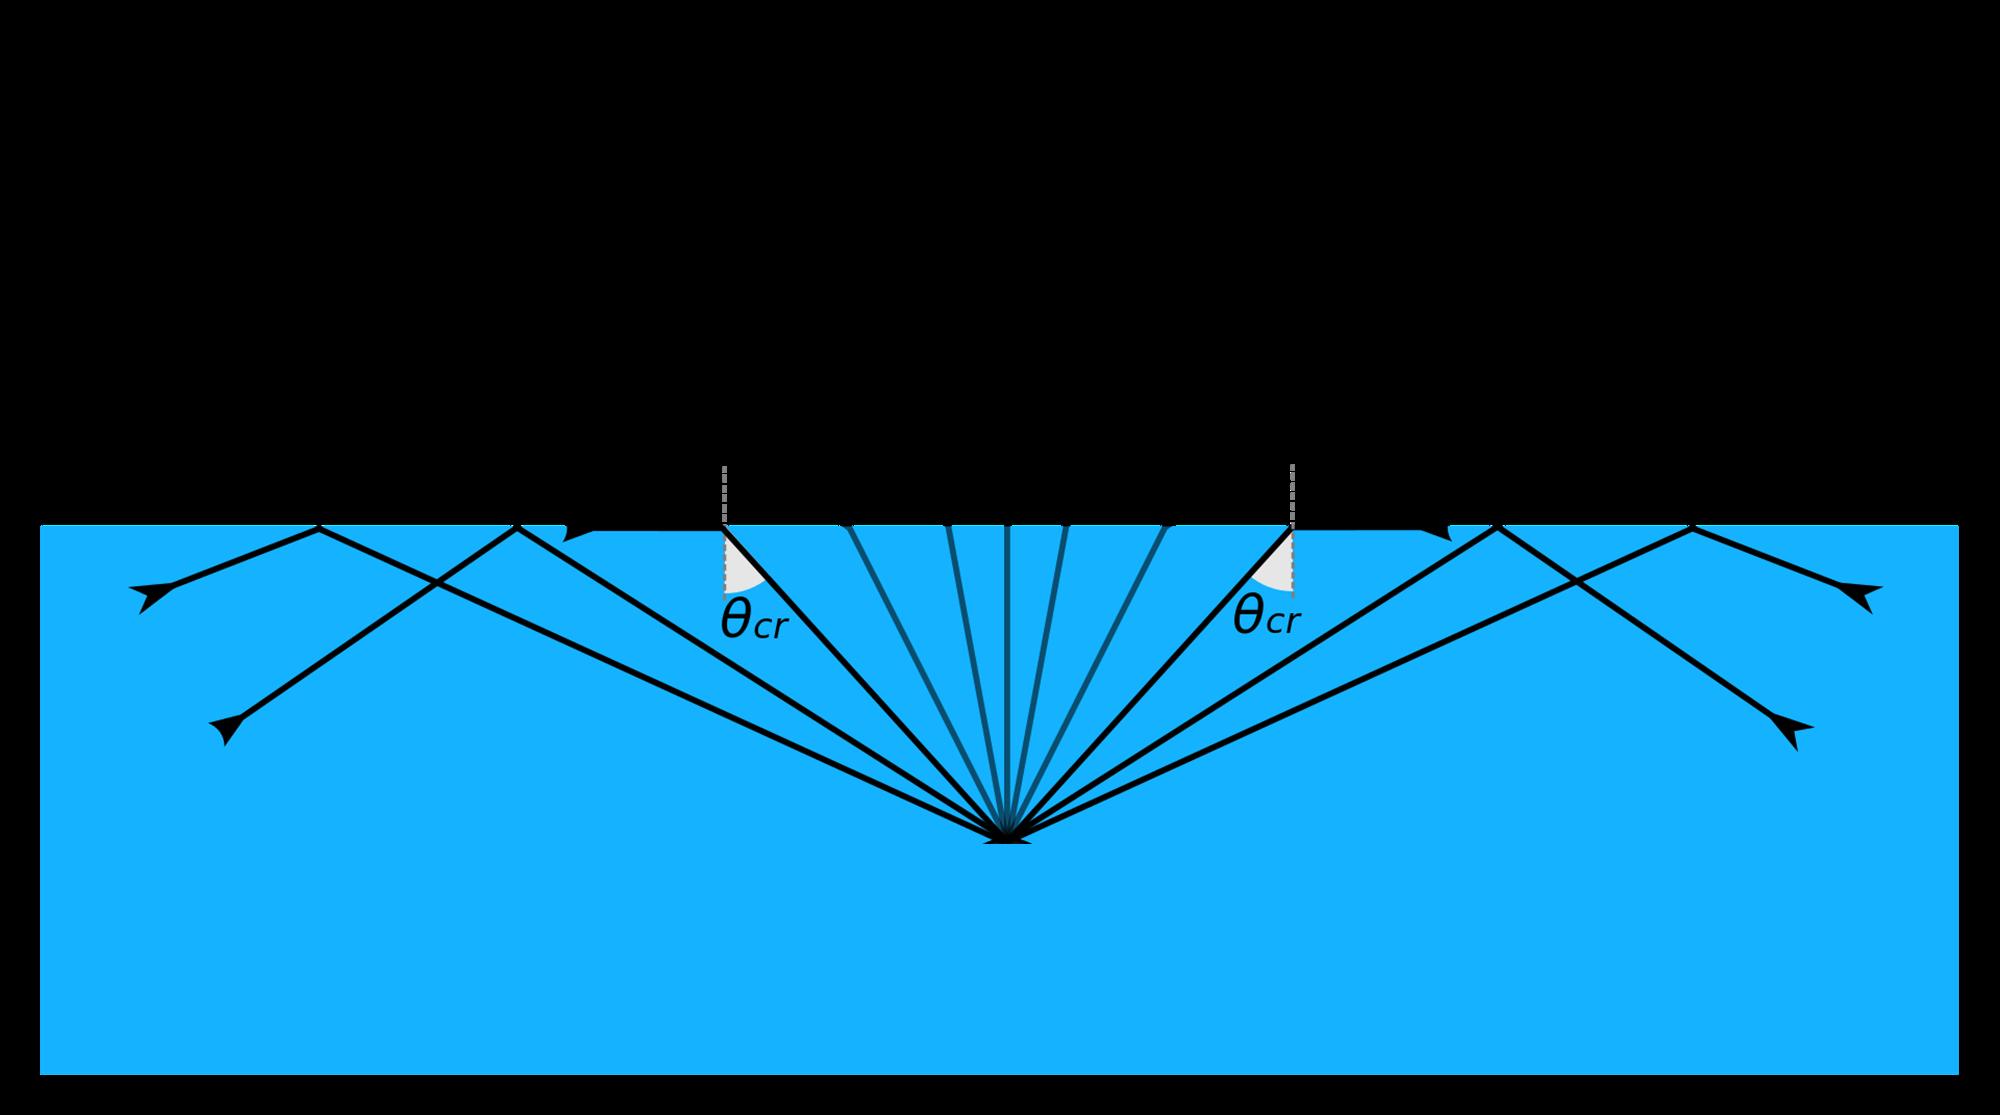 מהלך של קרני אור שיוצאות מתוך מים אל עבר האוויר | תמונה עובדה מתוך וויקיפדיה